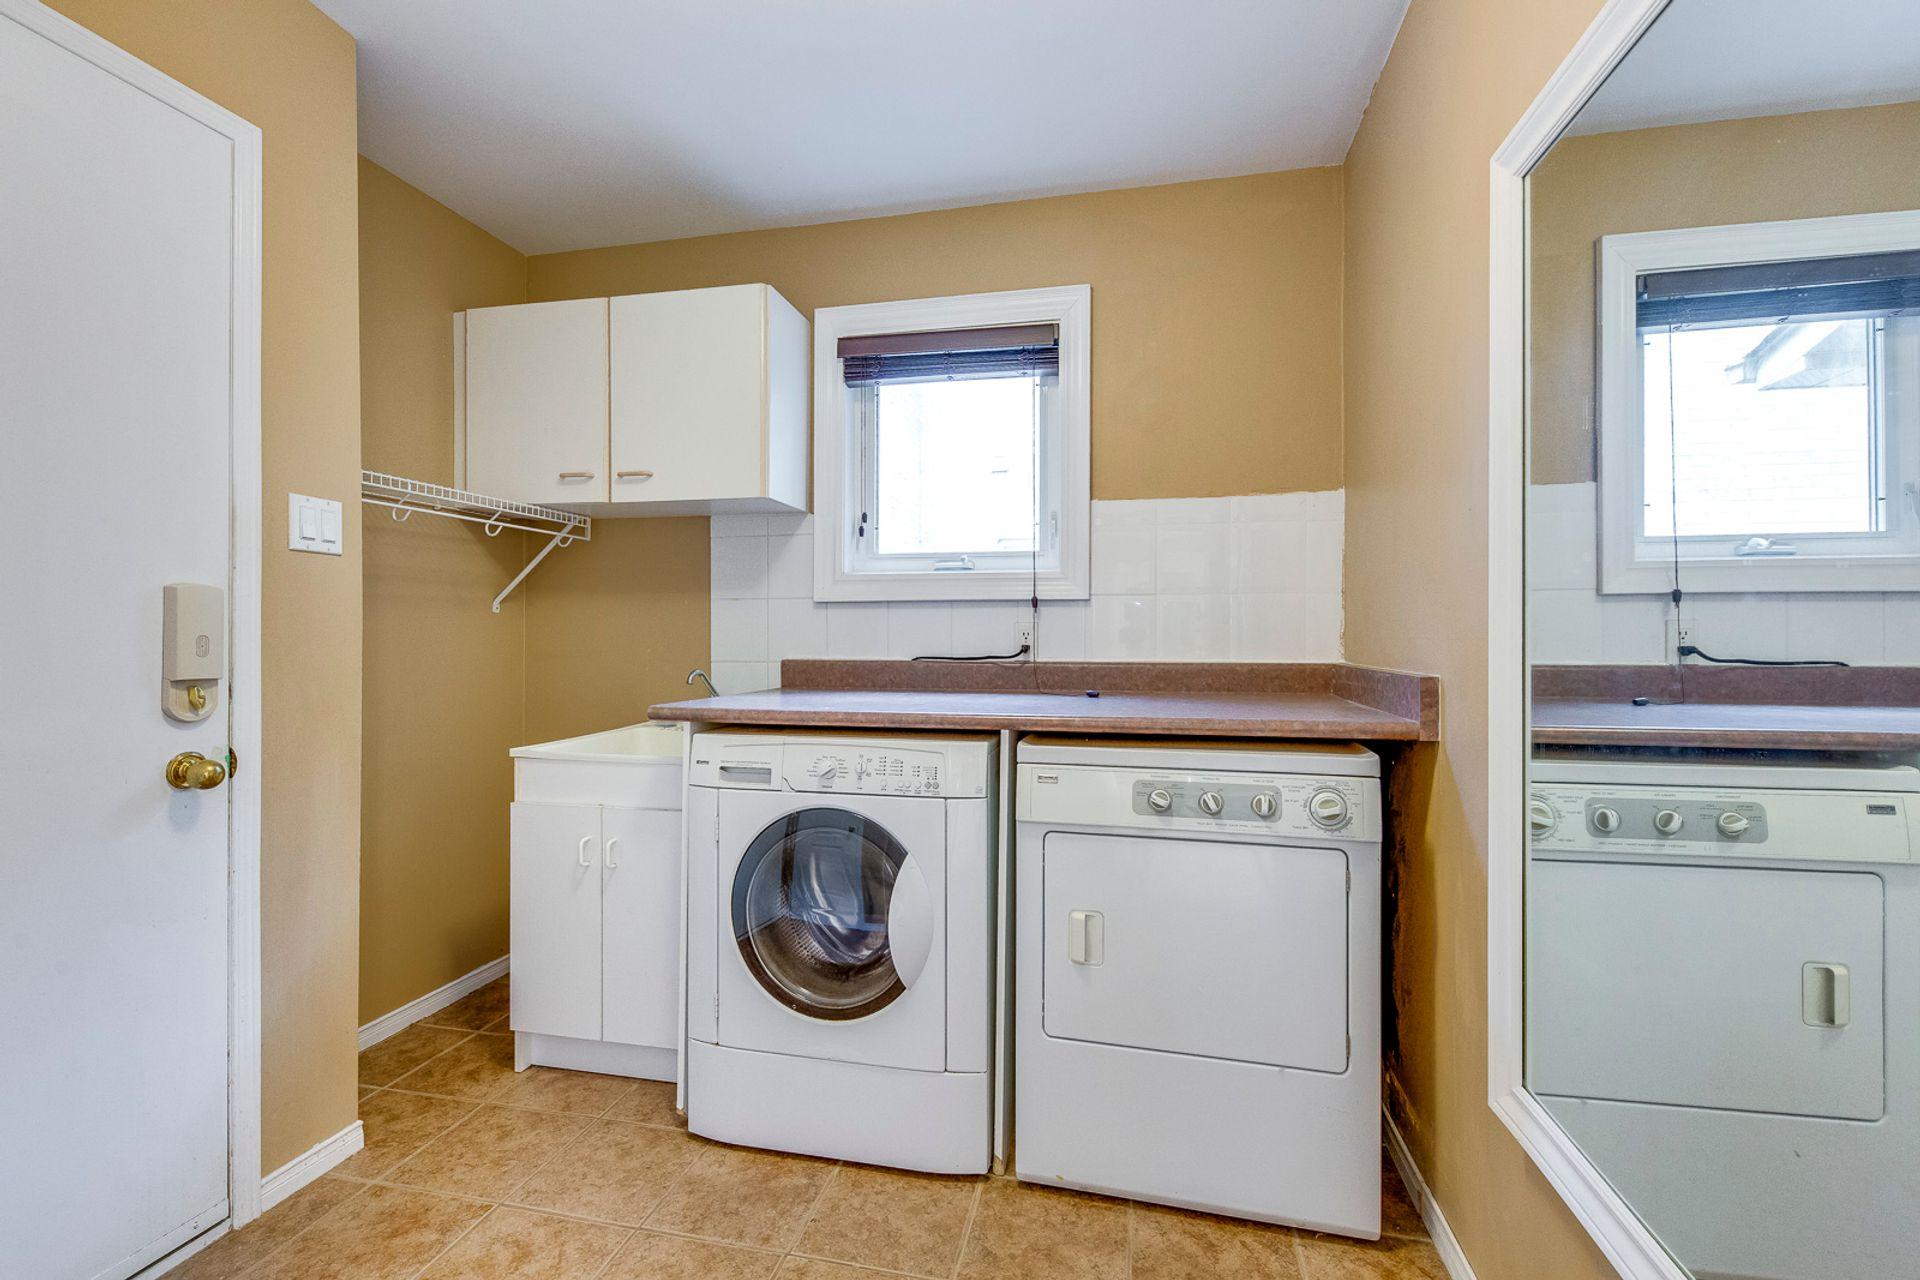 Laundry Room - 1522 Estes Cres, Mississauga - Elite3 & Team at 1522 Estes Crescent, East Credit, Mississauga